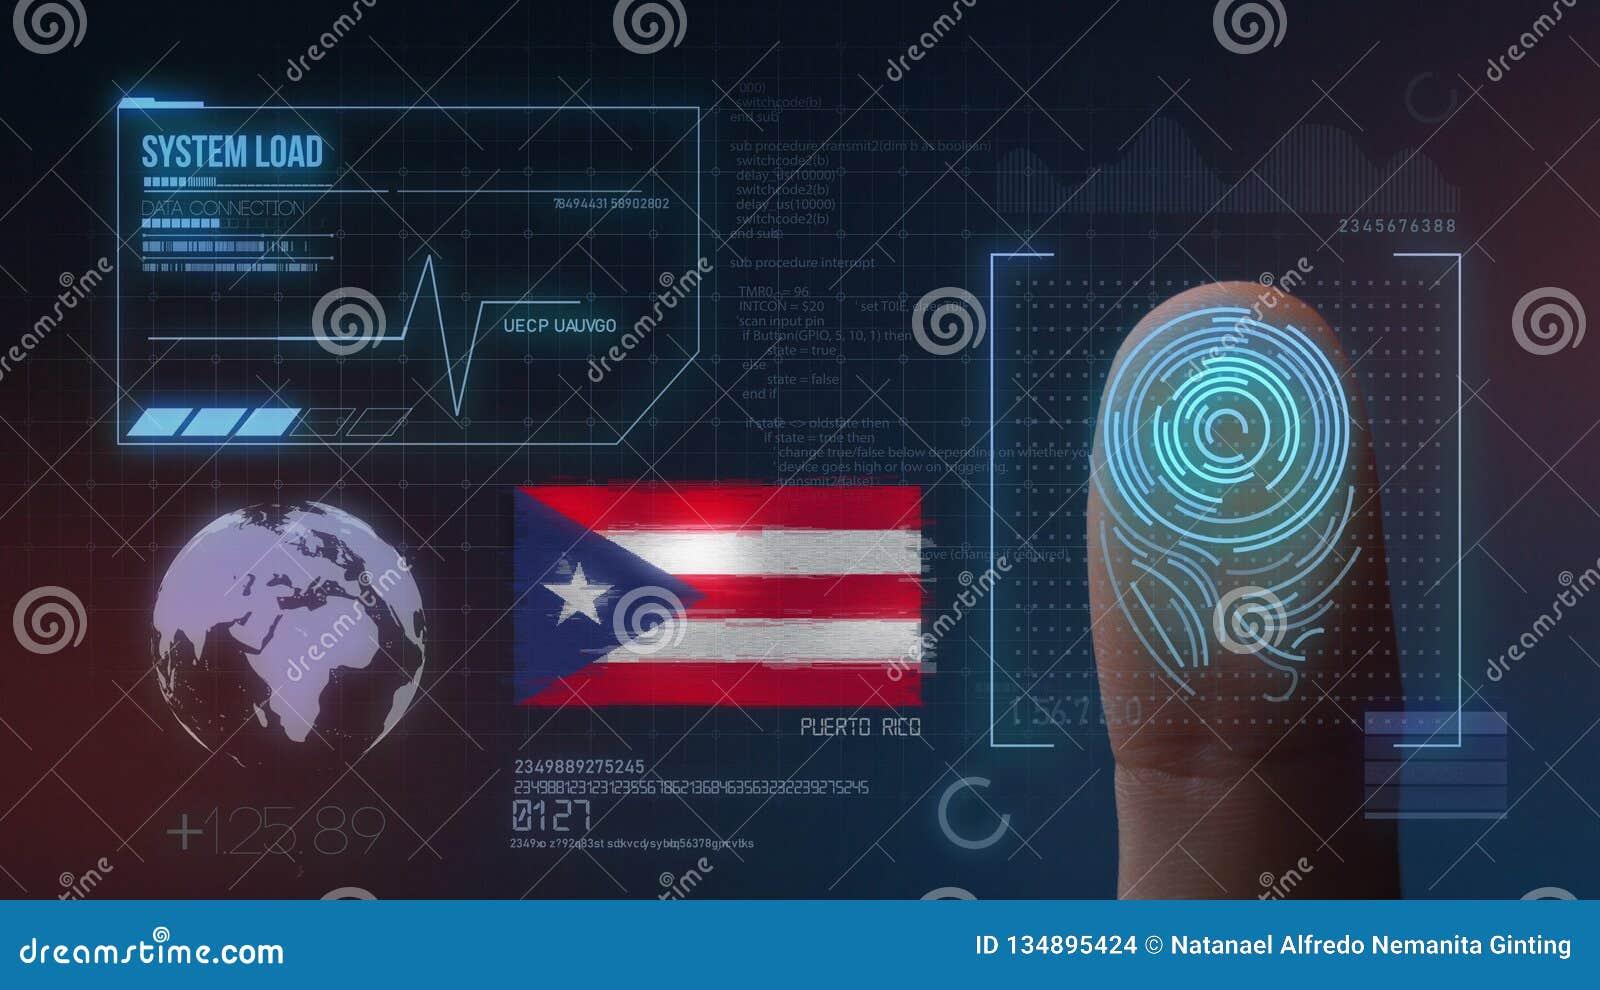 Odcisk Palca Biometrycznego skanerowania Tożsamościowy system Puerto Rico narodowość